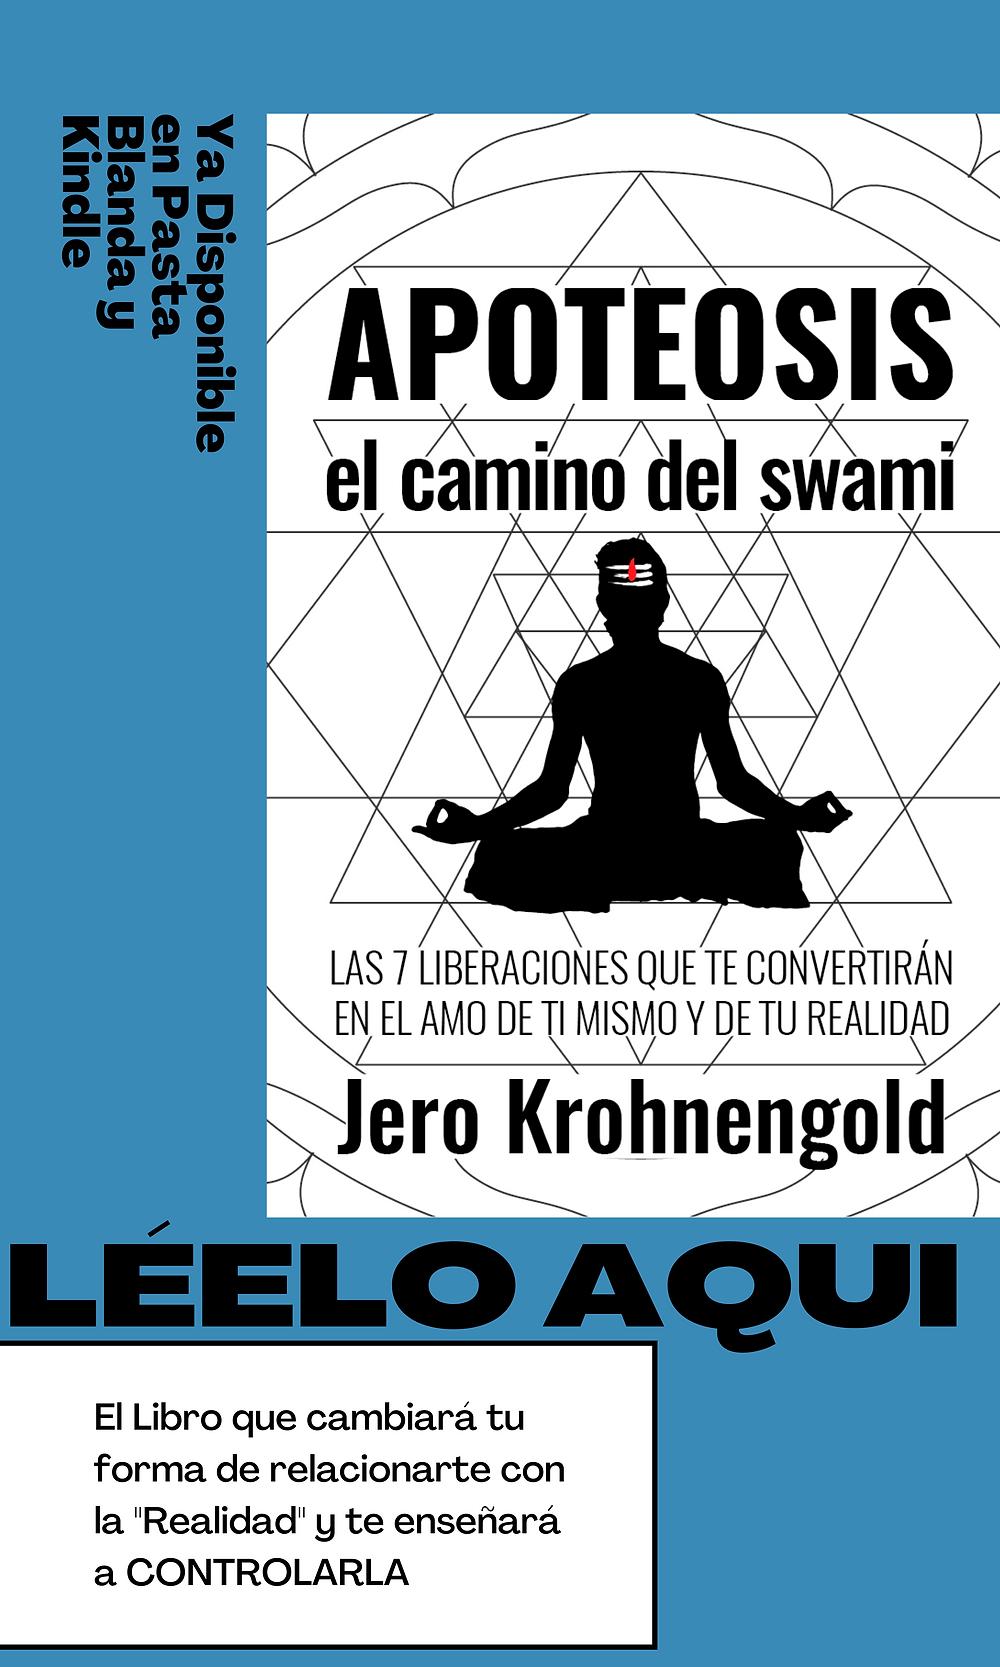 apoteosis el camino del swami jero krohnengold